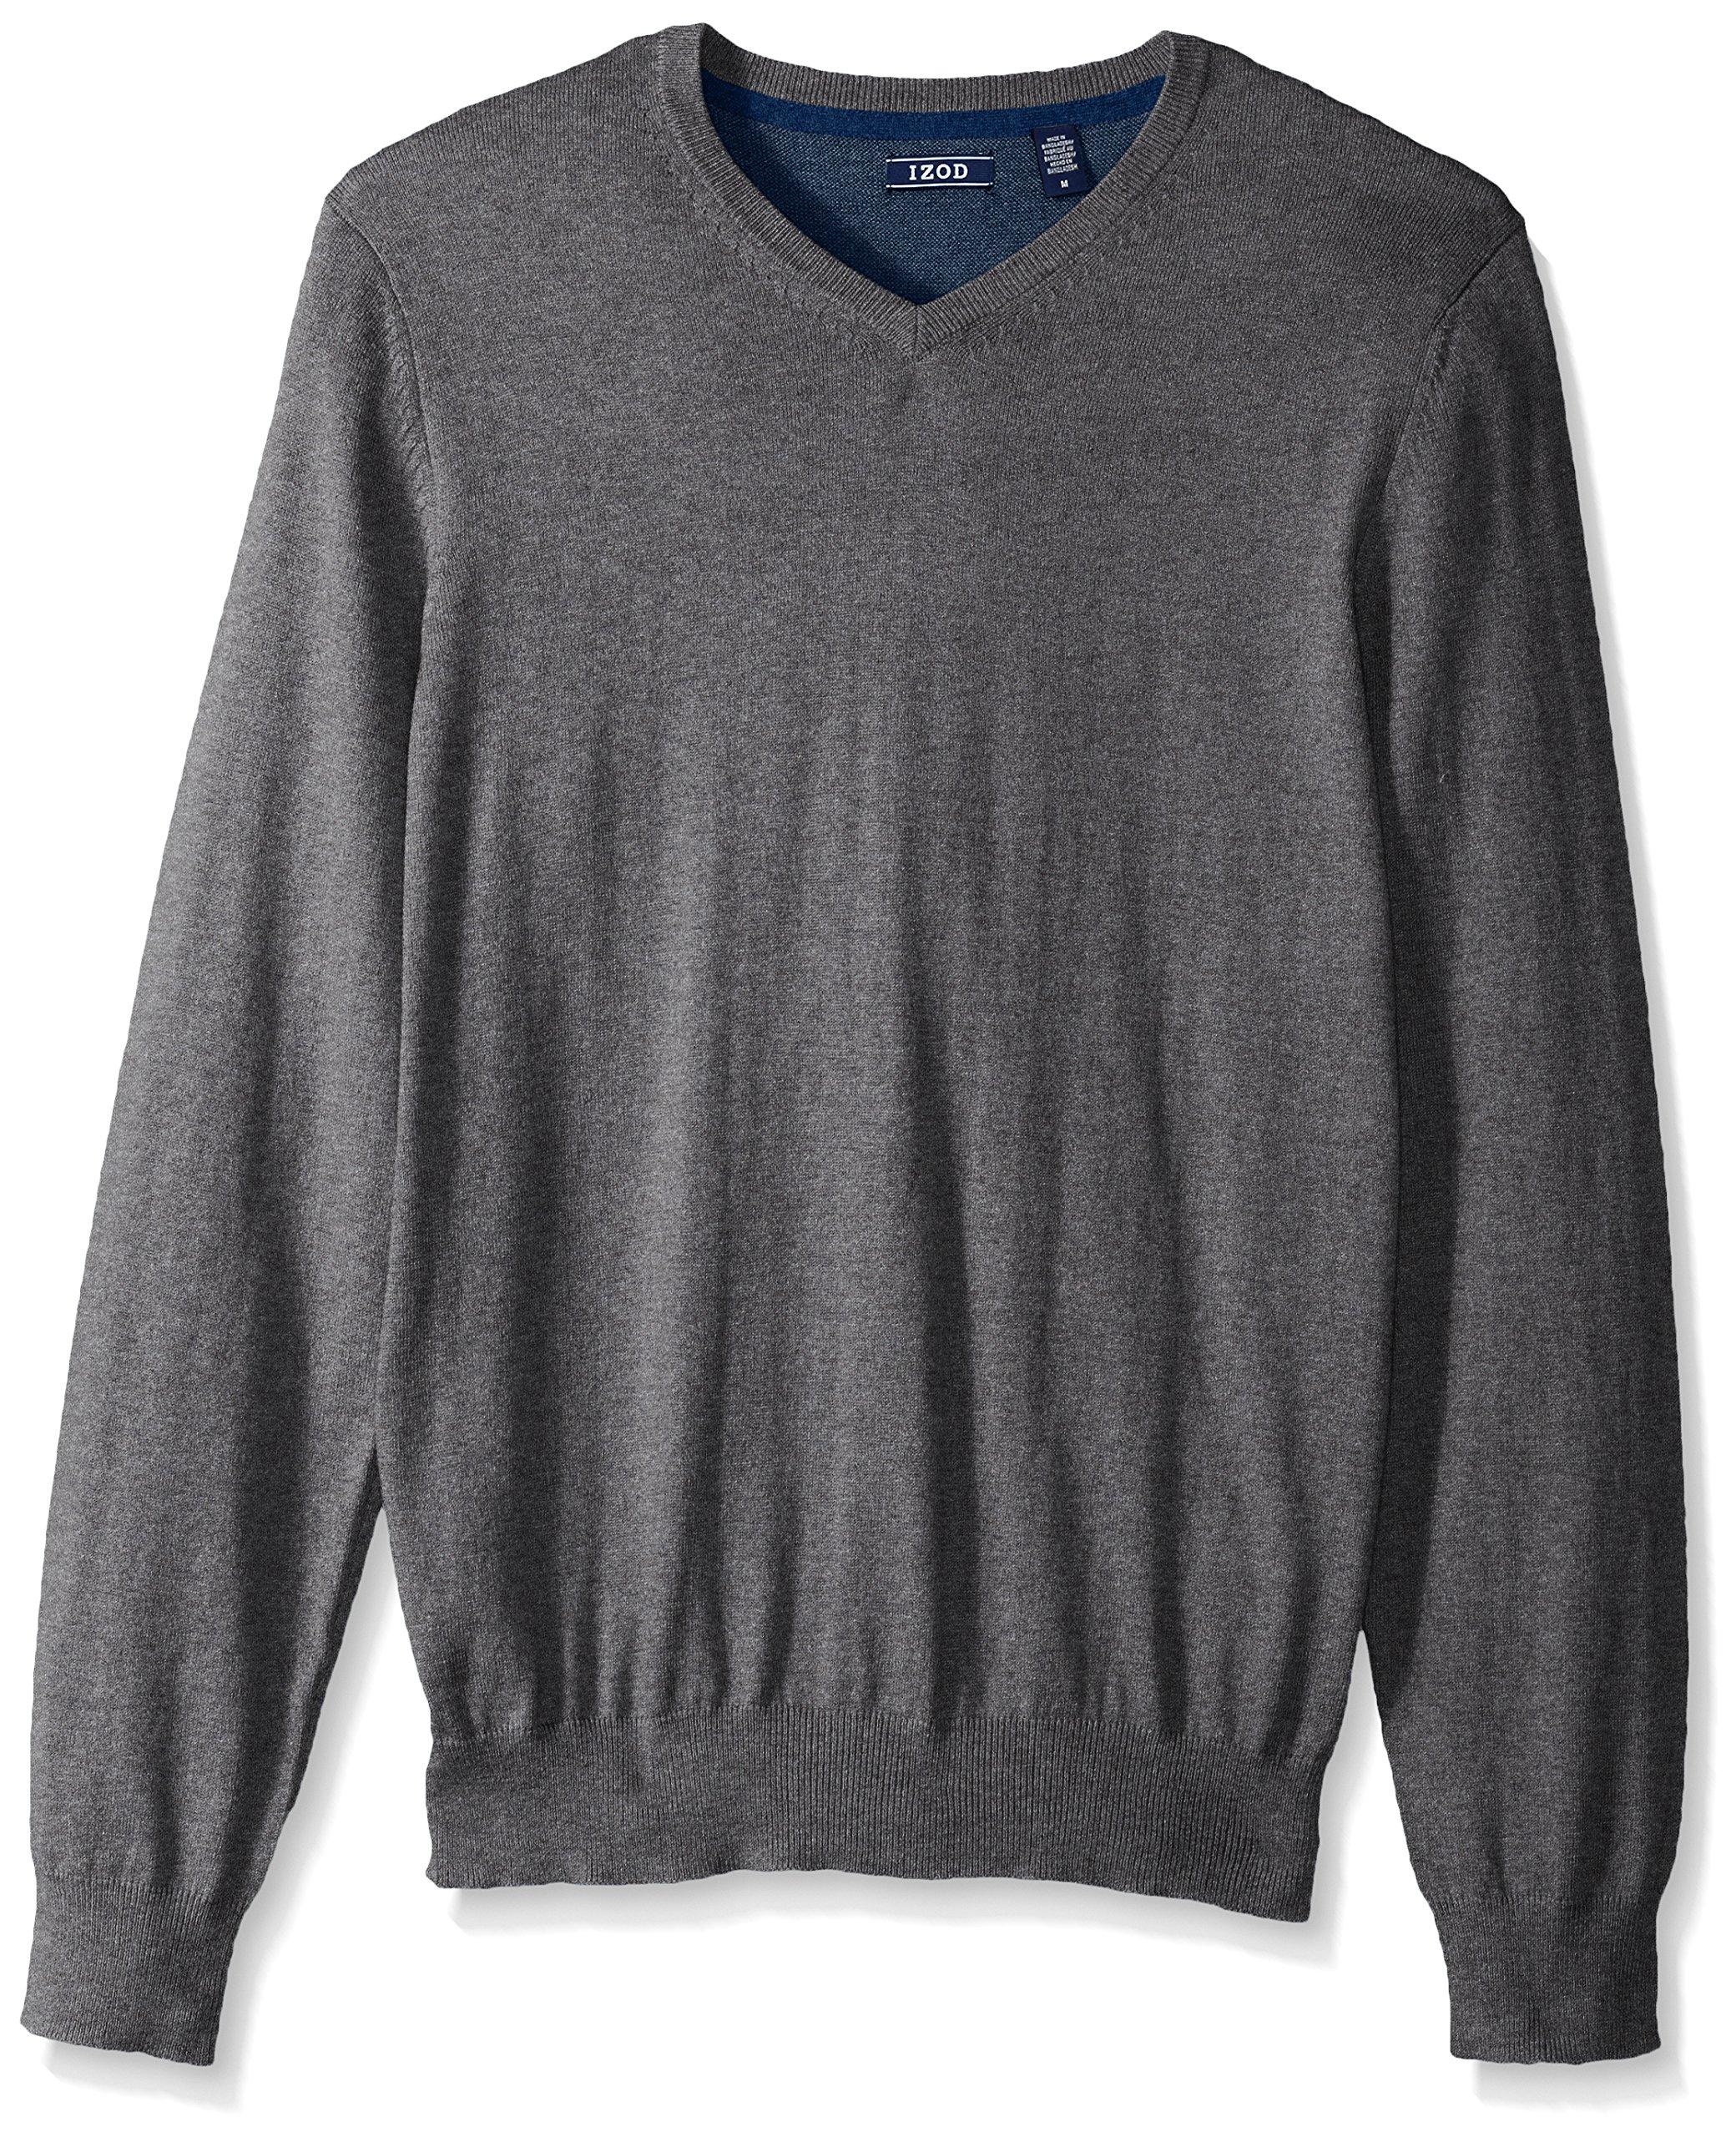 IZOD Men's Fine Gauge Solid V-Neck Sweater, Carbon Heather, Medium